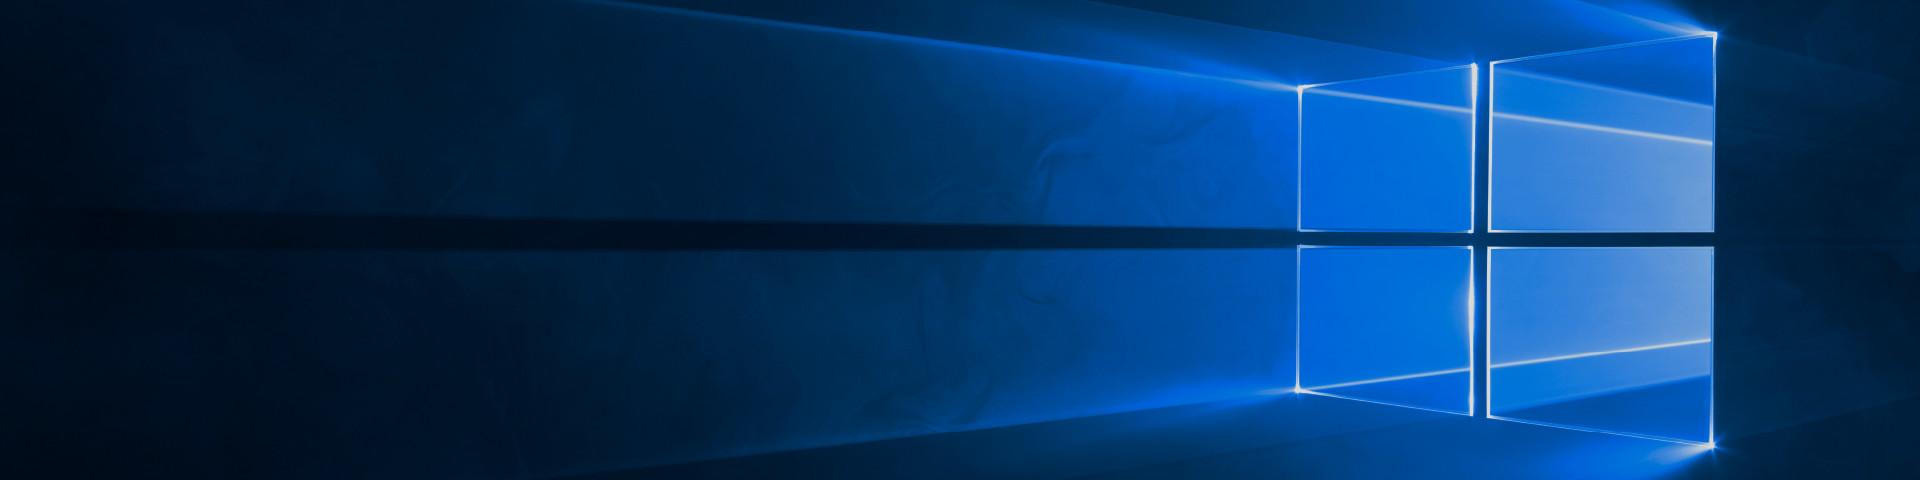 Valo heijastuu ikkunan läpi, osta ja lataa Windows 10